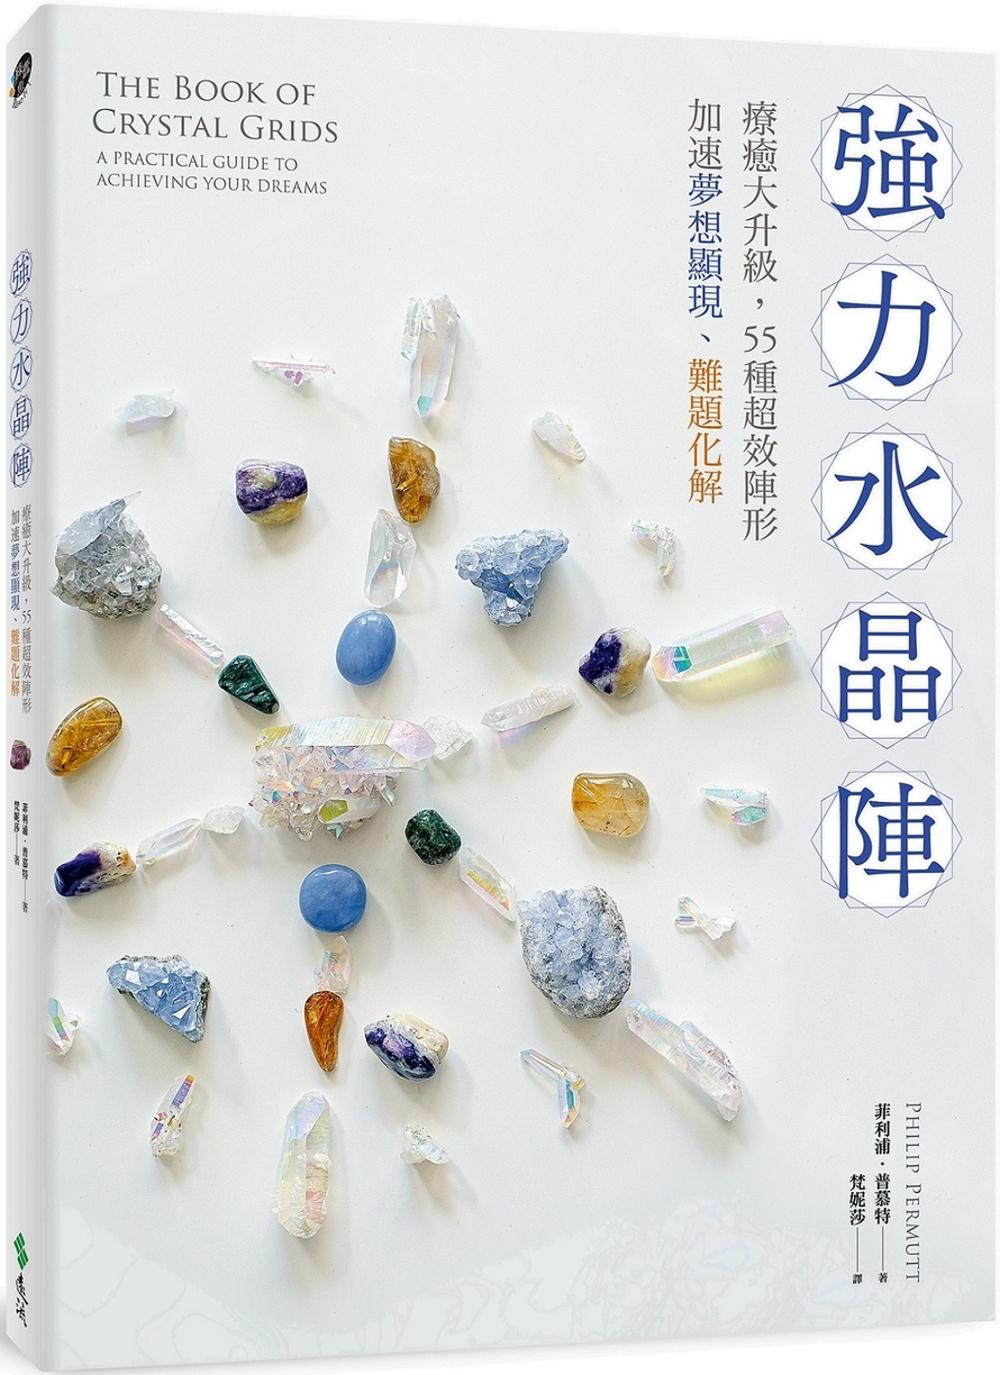 強力水晶陣:療癒大升級,55種超效陣形,加速夢想顯現、難題化解